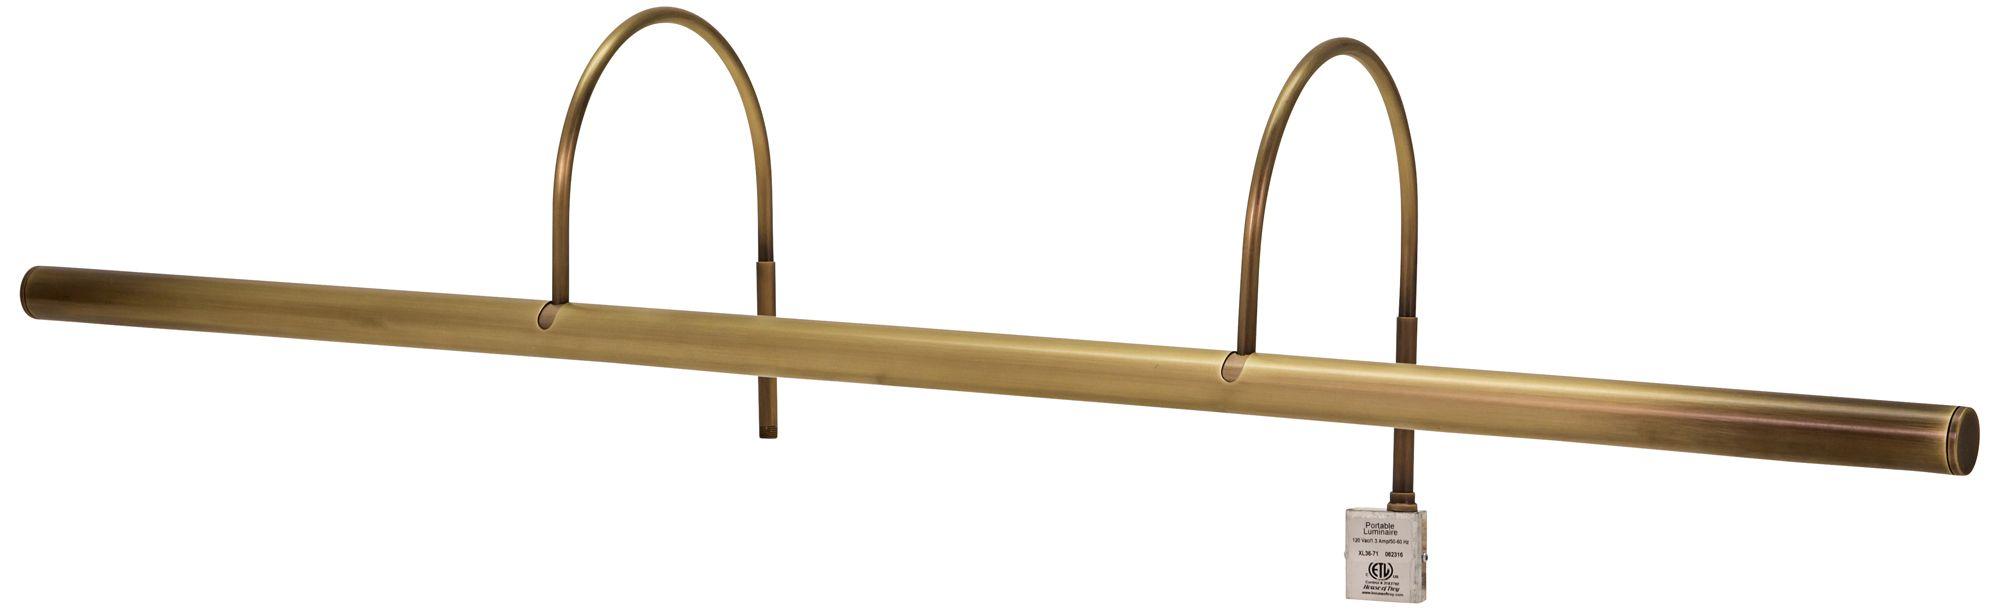 House of Troy Slim-Line XL 36 W Antique Brass Picture Light  sc 1 st  L&s Plus & House of Troy Slim-Line XL 36